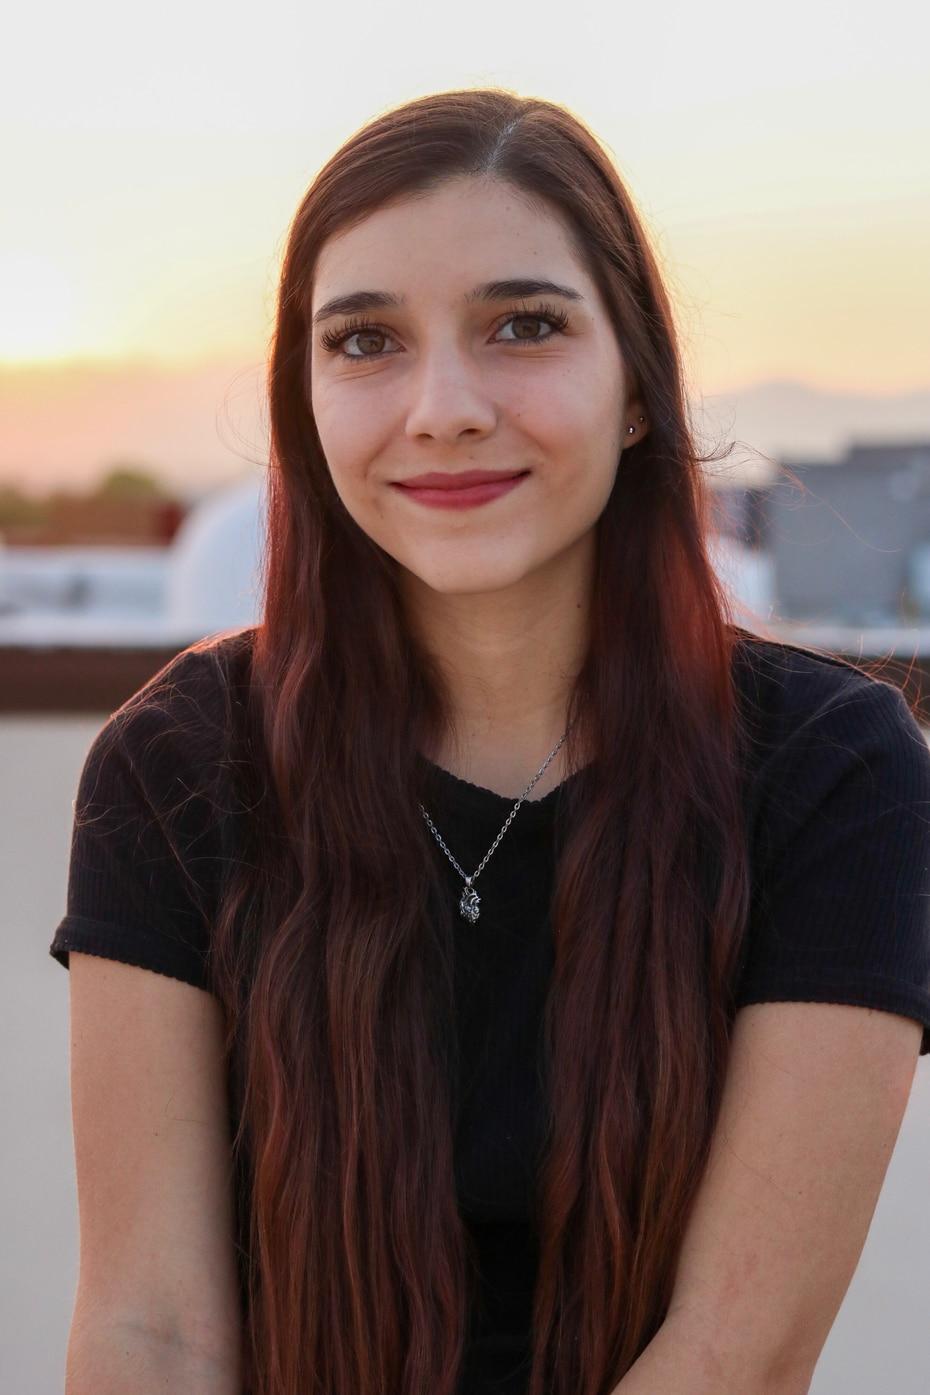 Landy Mendiola, de 26 años, es estudiante de la Universidad de Texas en El Paso.